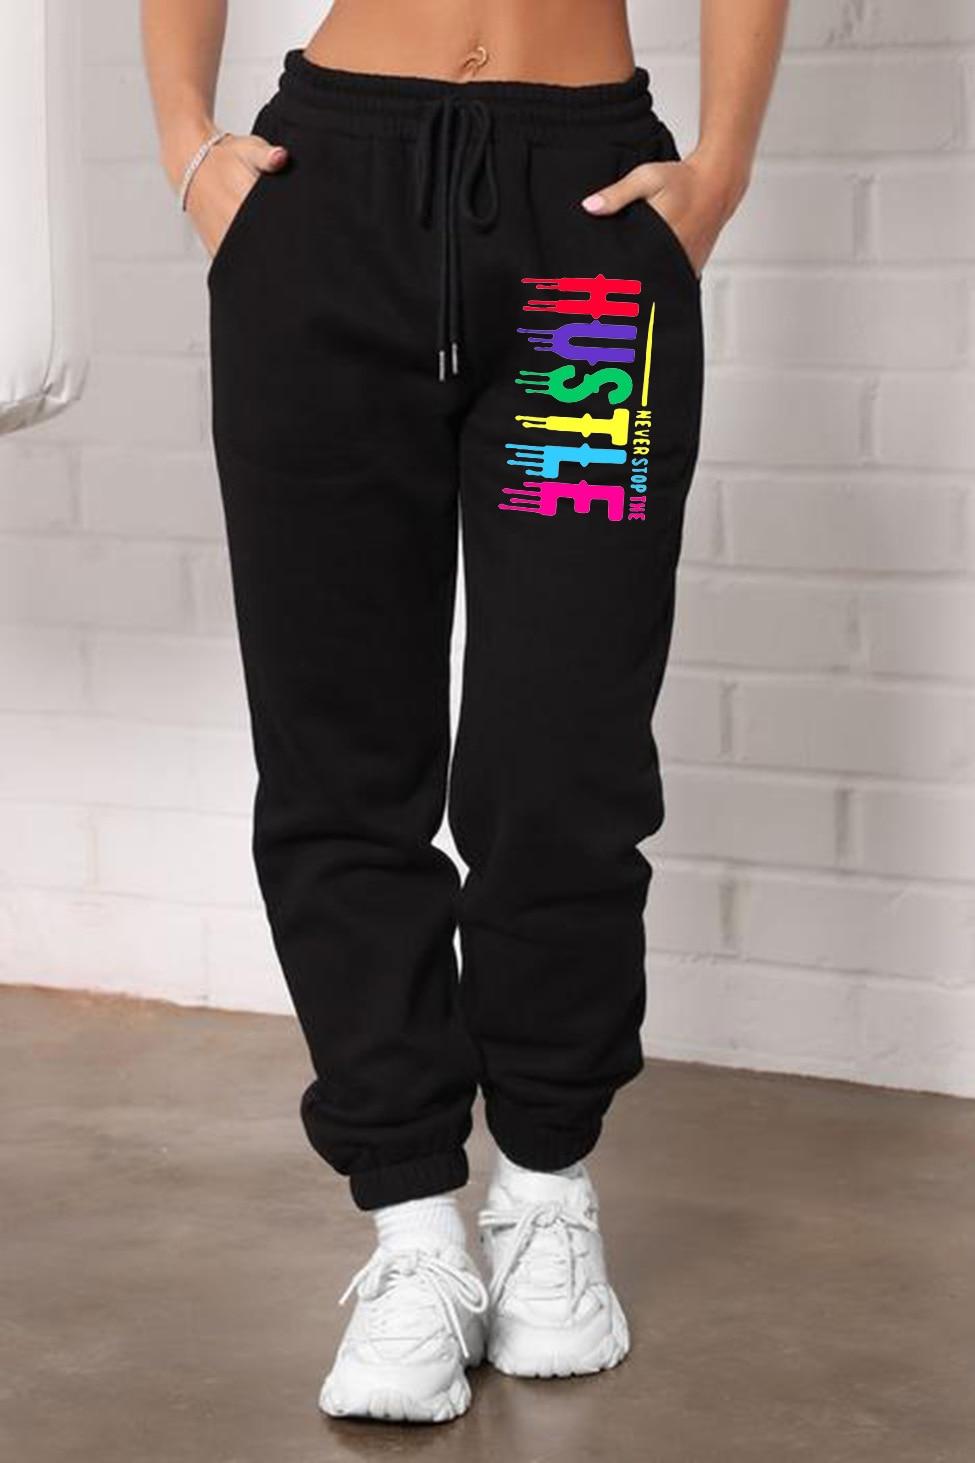 Спортивные брюки для женщин, Новинка осени 2021, мешковатые модные спортивные брюки, черные брюки, женские джоггеры, уличная одежда, женские б...